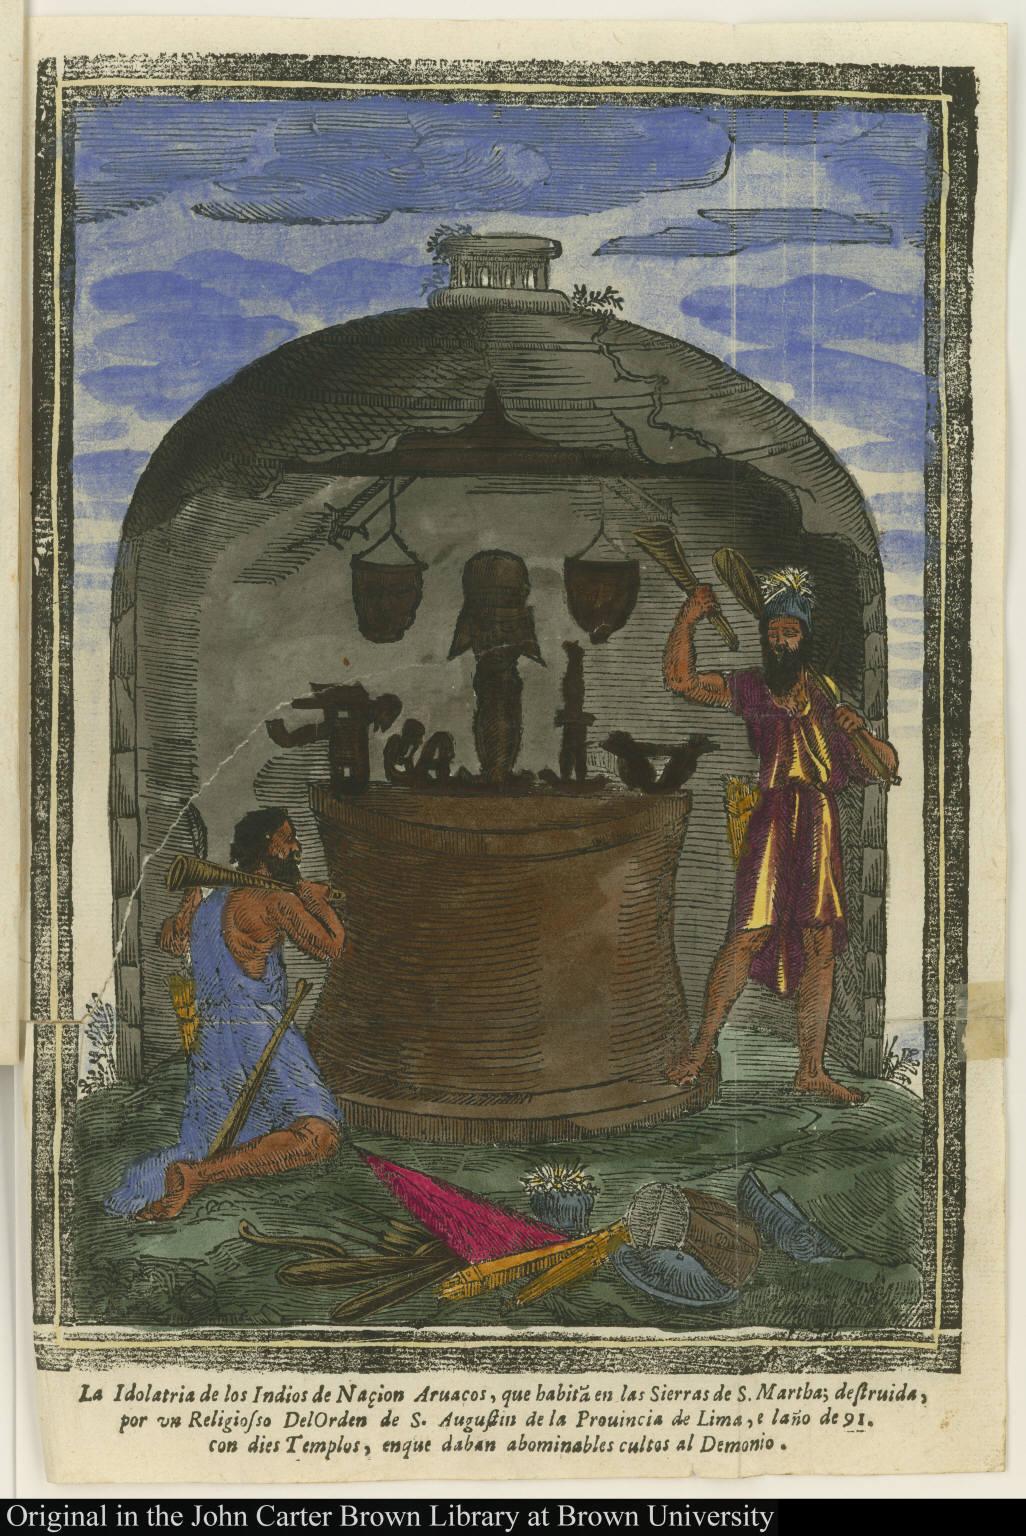 La idolatria de los Indios de Naçion Aruacos, que habita en las Sierras de S. Martha; destruida, por un Religiosso Del Orden de S. Augustin de la Prouincia de Lima el ano de [16]91 ...